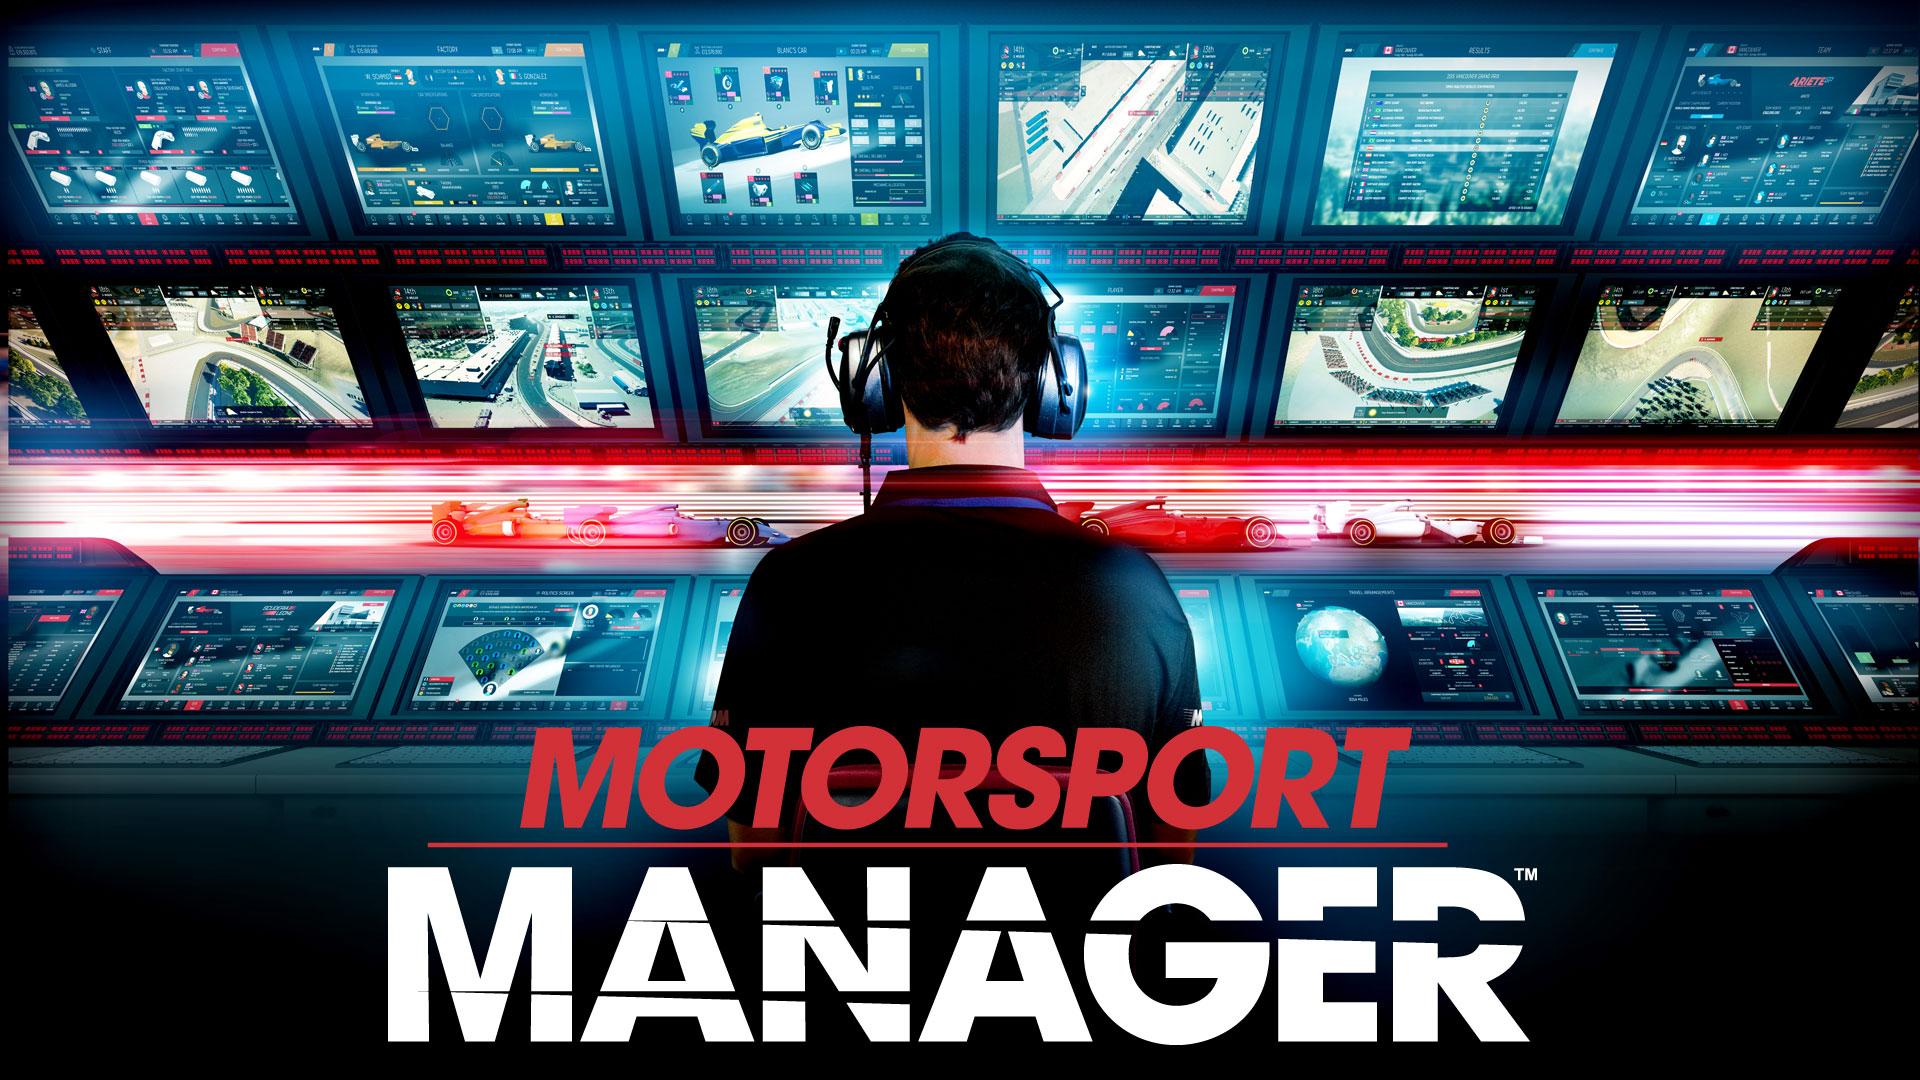 Motorsport Manager Download.jpg